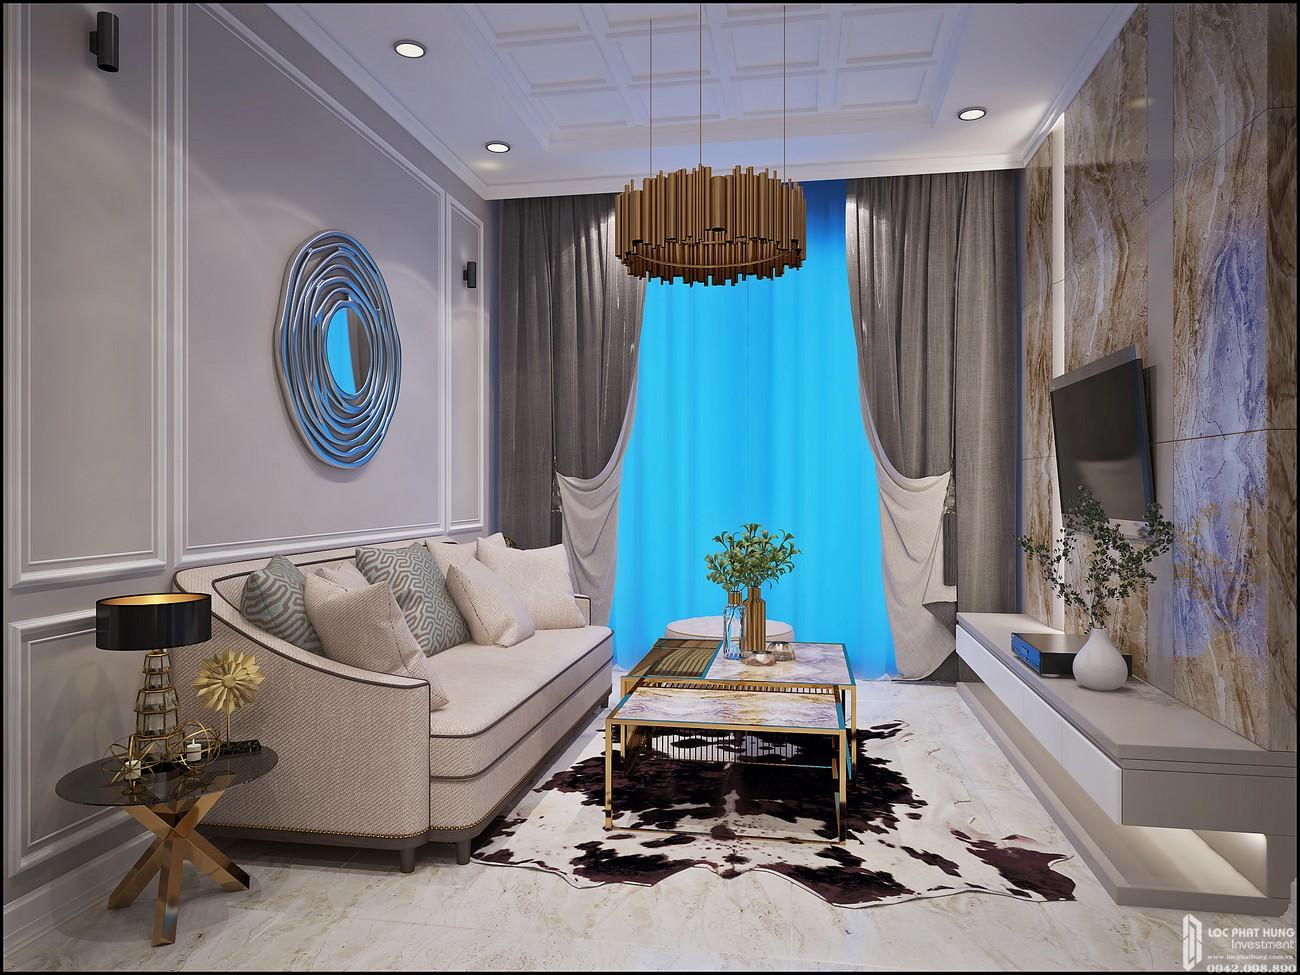 Phòng khách Căn Hộ 3PN chung cư Bcons Miền Đông Dĩ An Đường Tân Lập chủ đầu tư Bcons